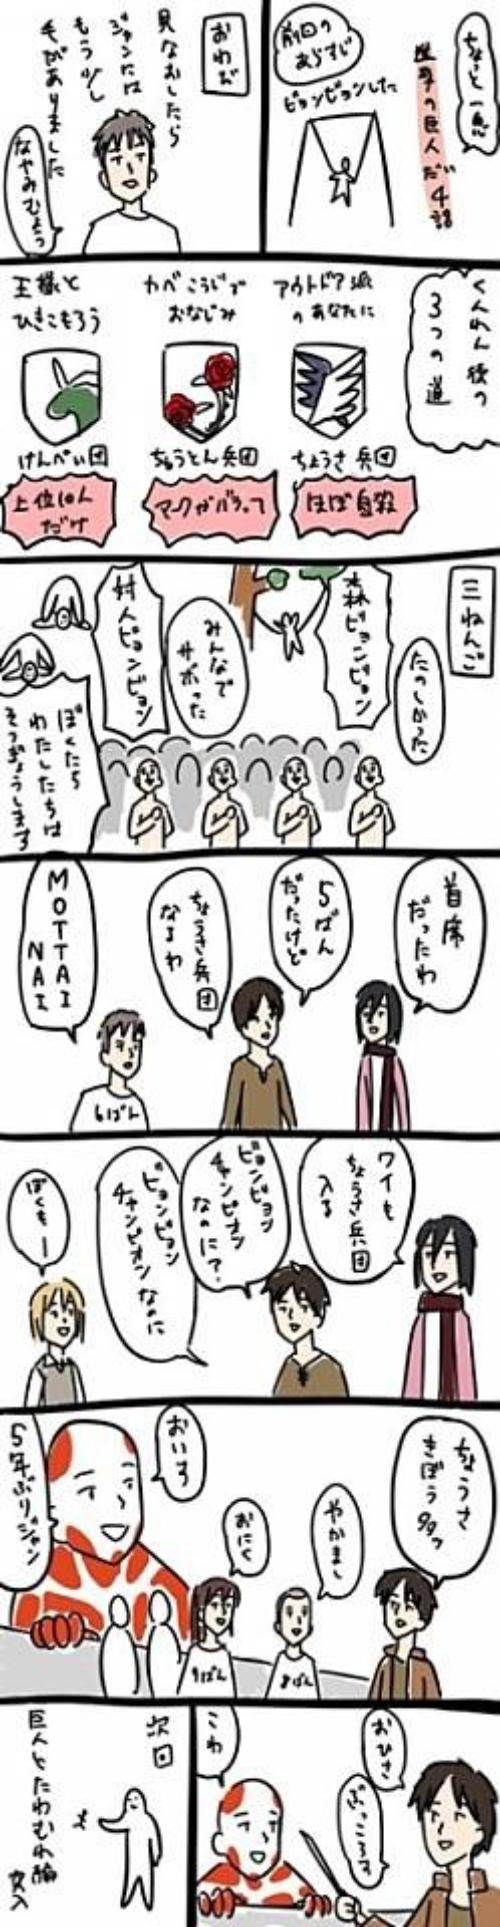 進撃の巨人おさらい漫画その4